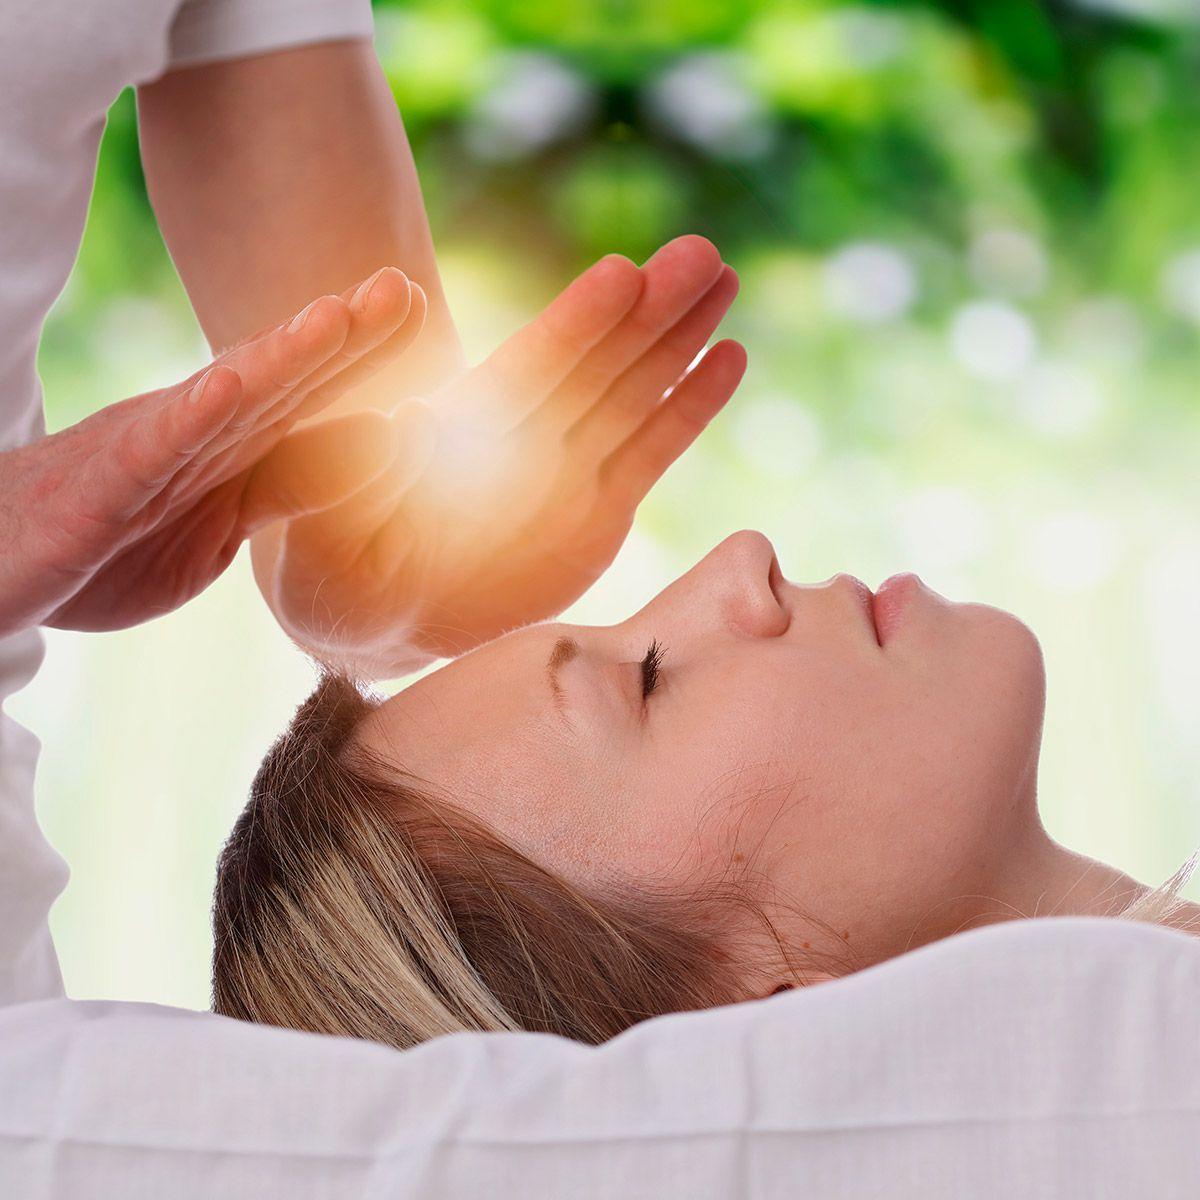 Espiritualidade e Saúde: perspectivas para a ação profissional na área dos cuidados em saúde  - PUC Minas